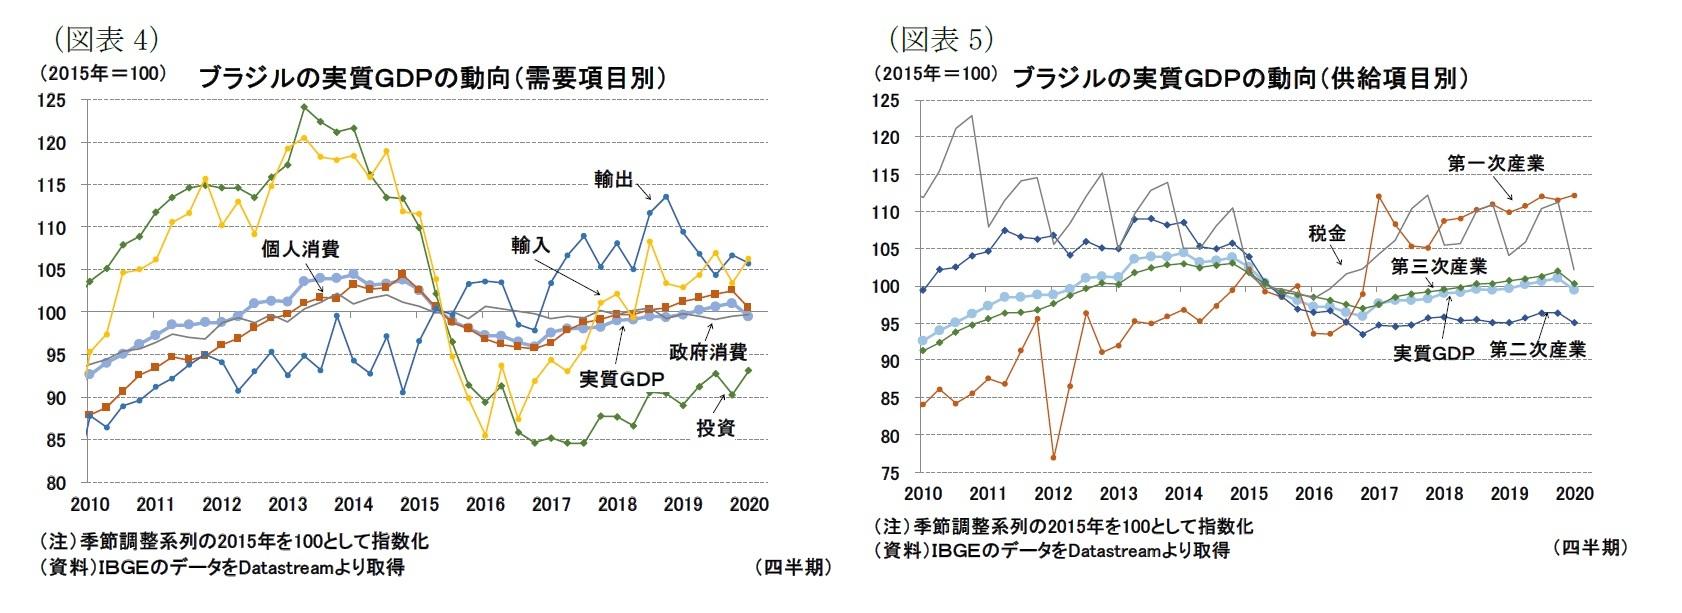 (図表4)ブラジルの実質GDPの動向(需要項目別)/(図表5)ブラジルの実質GDPの動向(供給項目別)